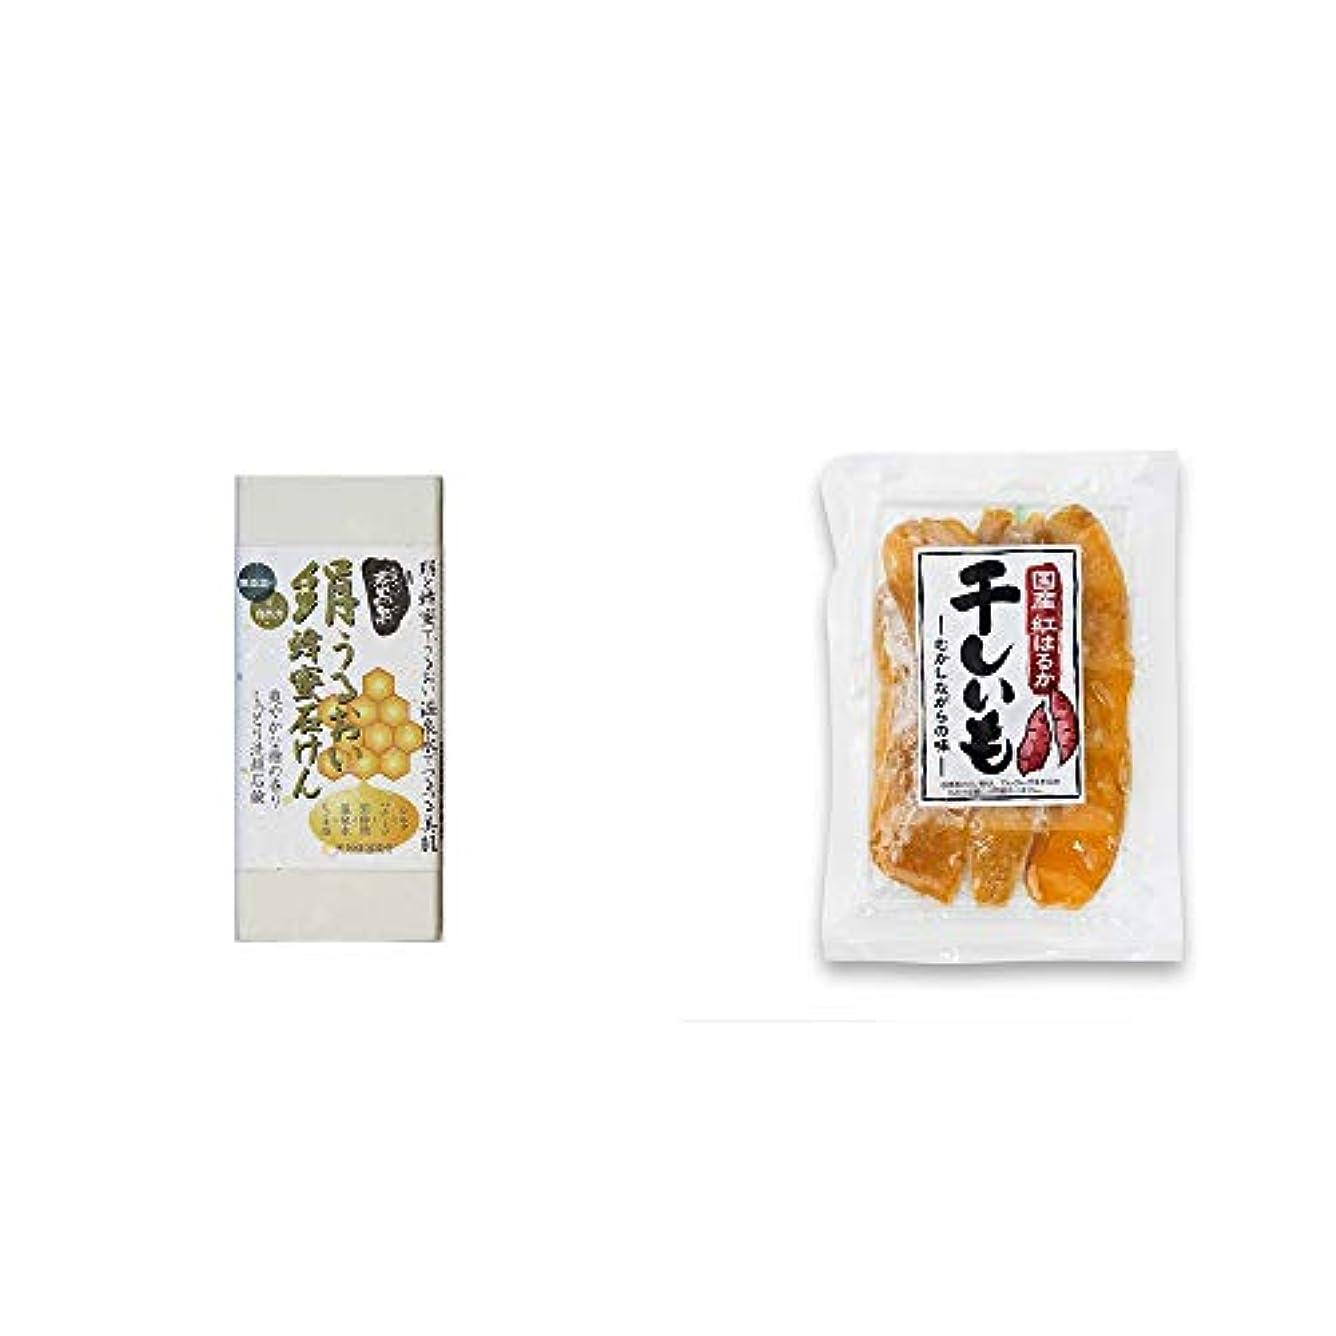 一族処理変える[2点セット] ひのき炭黒泉 絹うるおい蜂蜜石けん(75g×2)?国産 紅はるか 干しいも(140g)